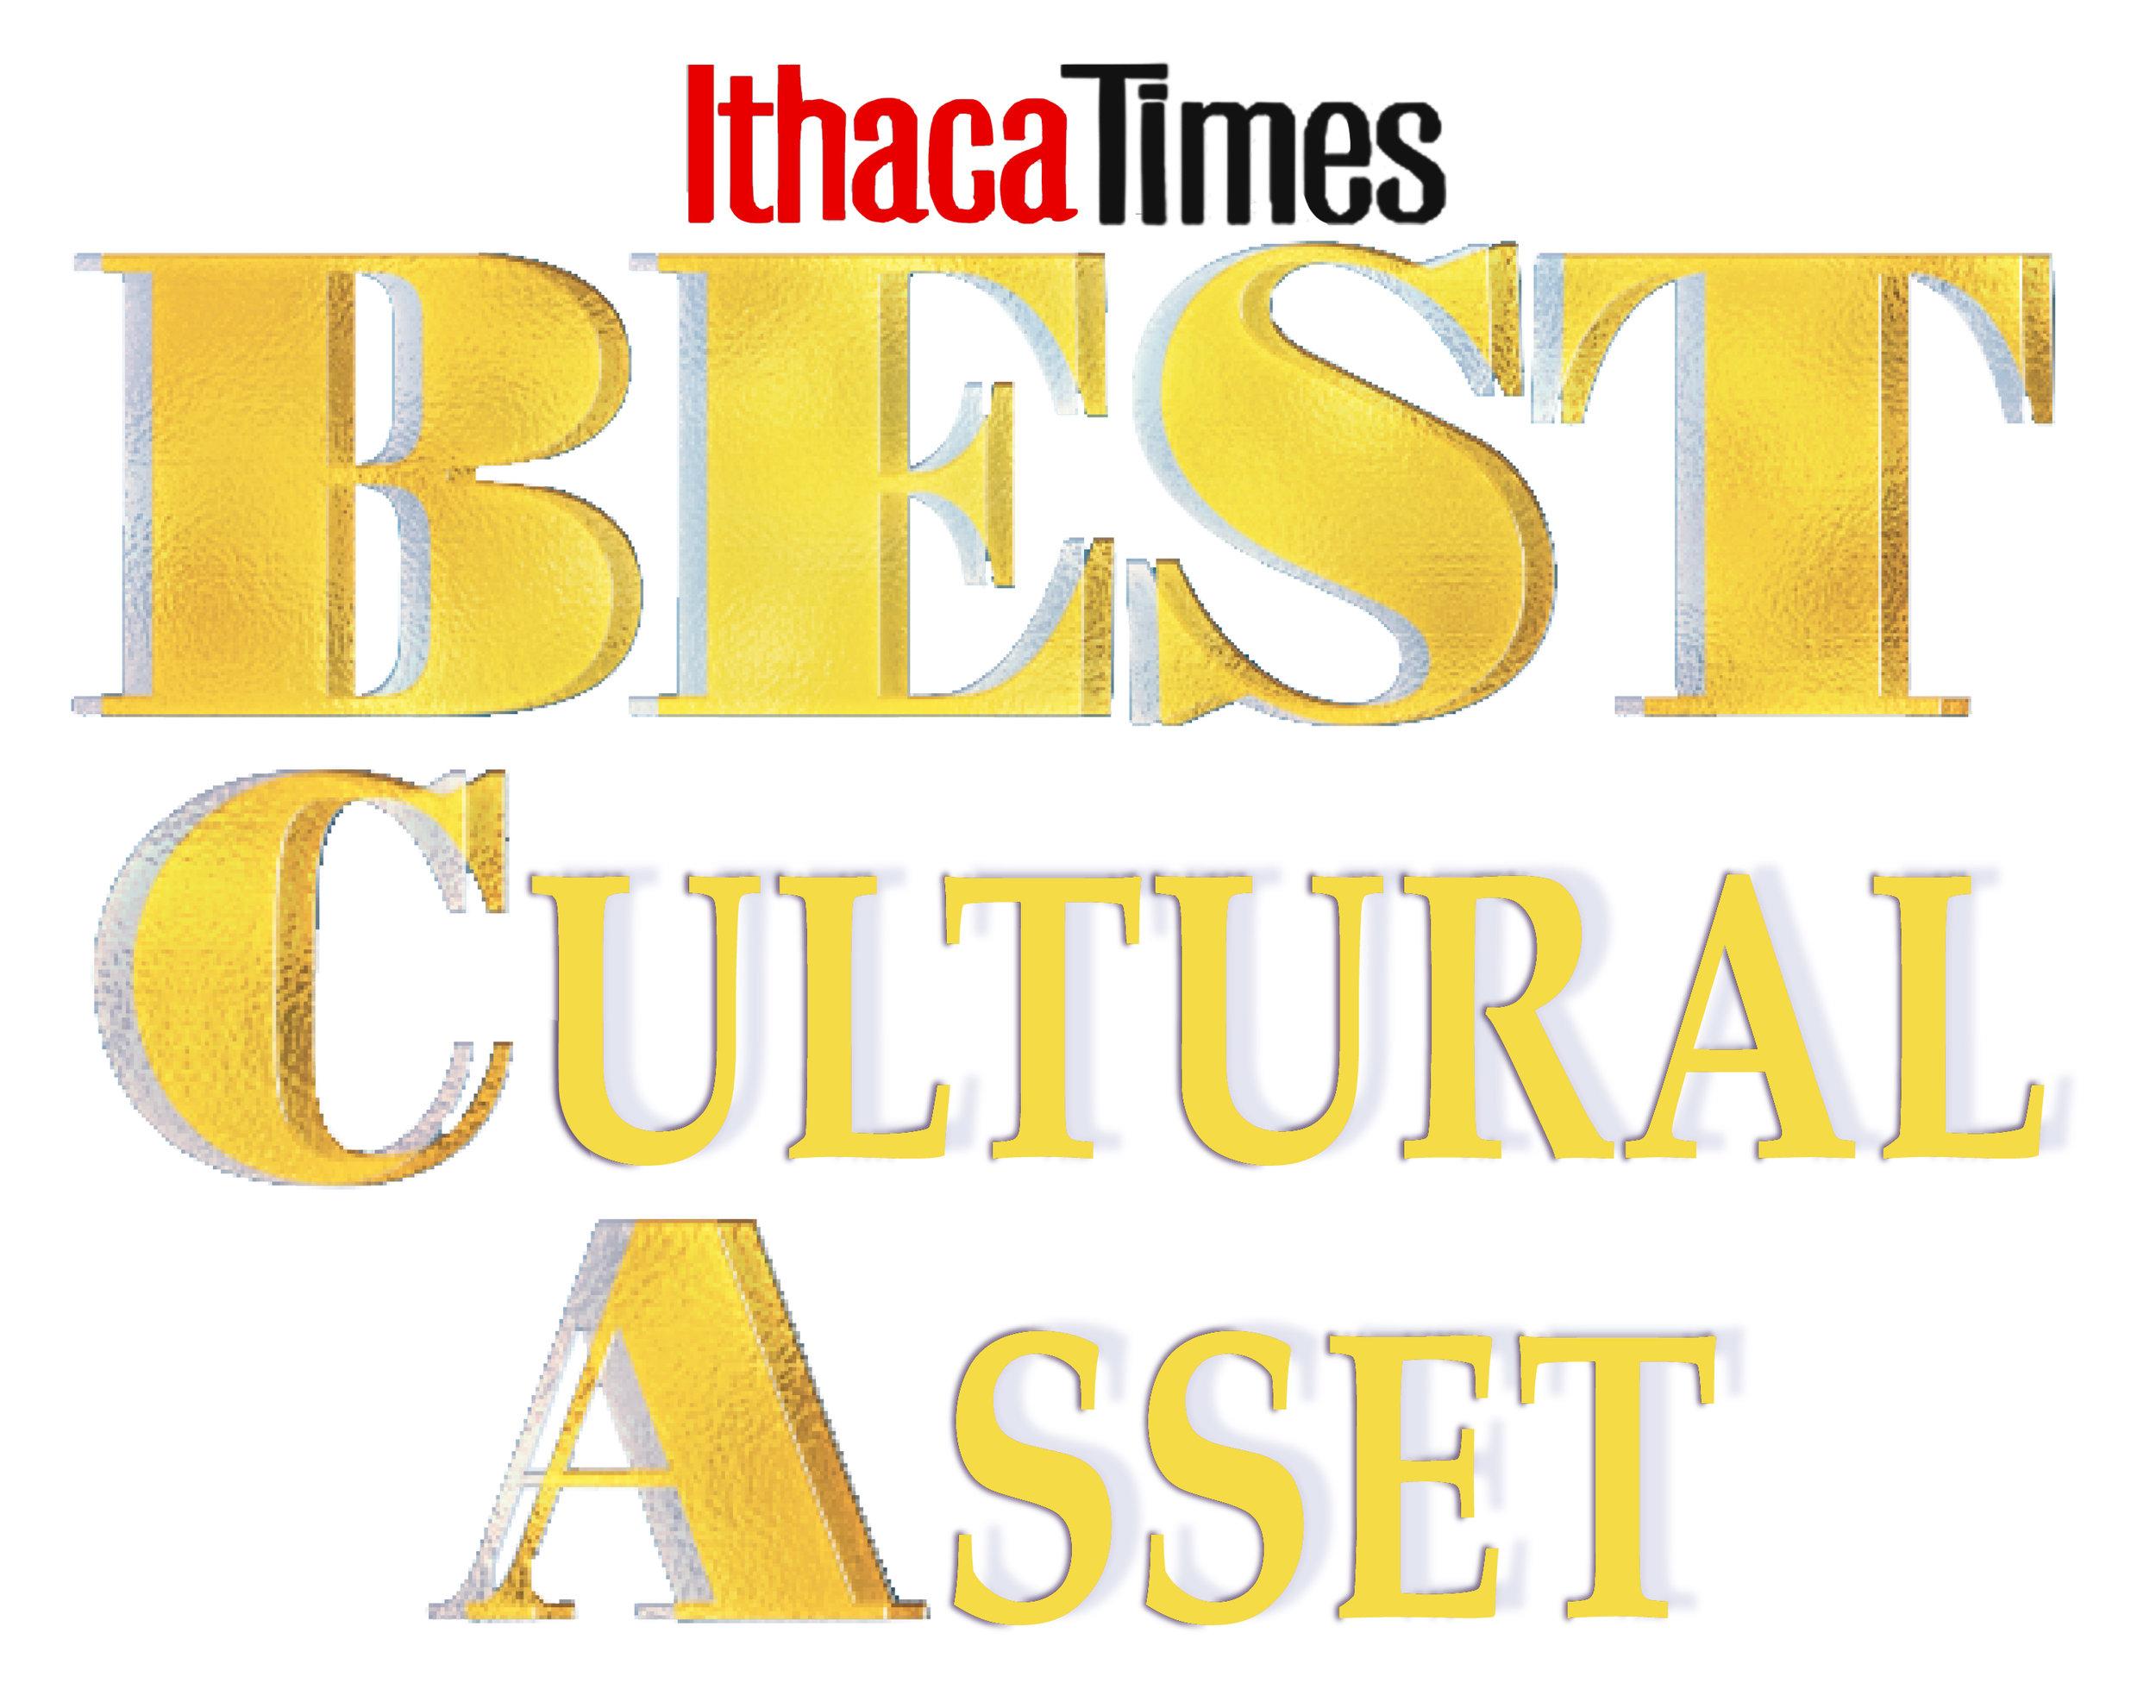 Ithaca Times Best Cultural Asset.jpg